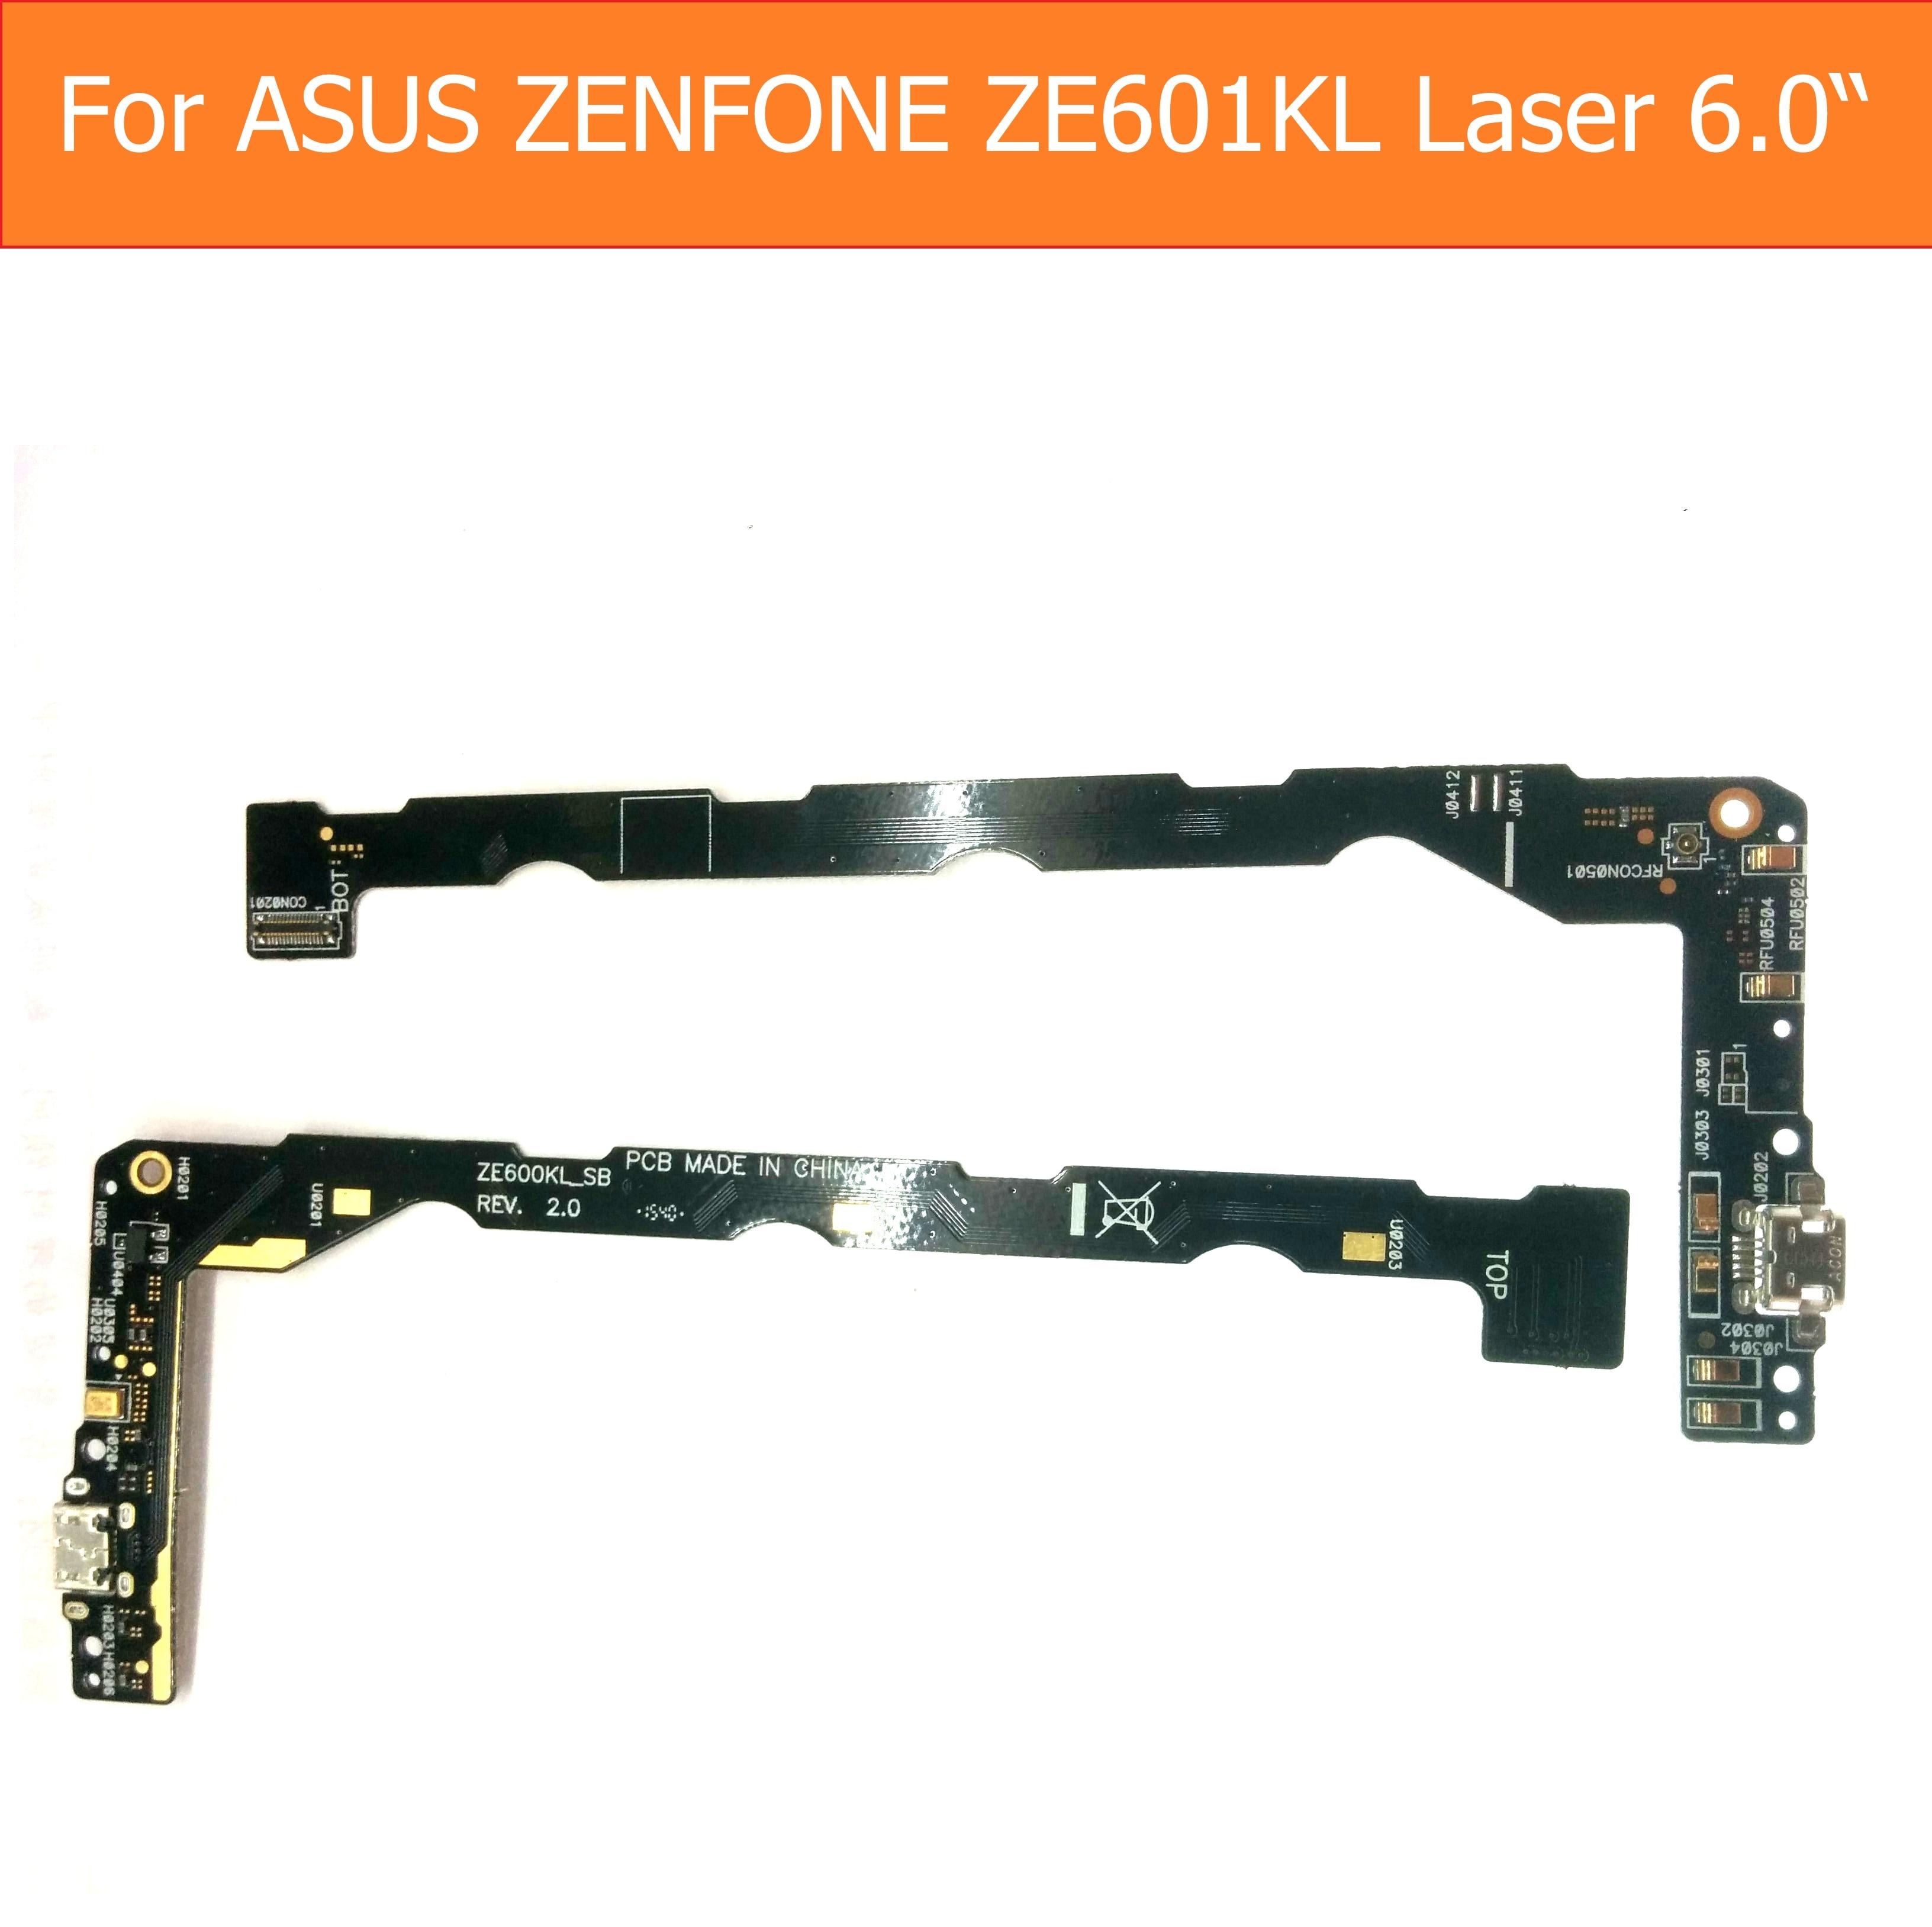 Genuine USB Charging Microphone PCB Connector Port Jack Board For Asus Zenfone 2 ZE601kL Z0011D Laser 6.0